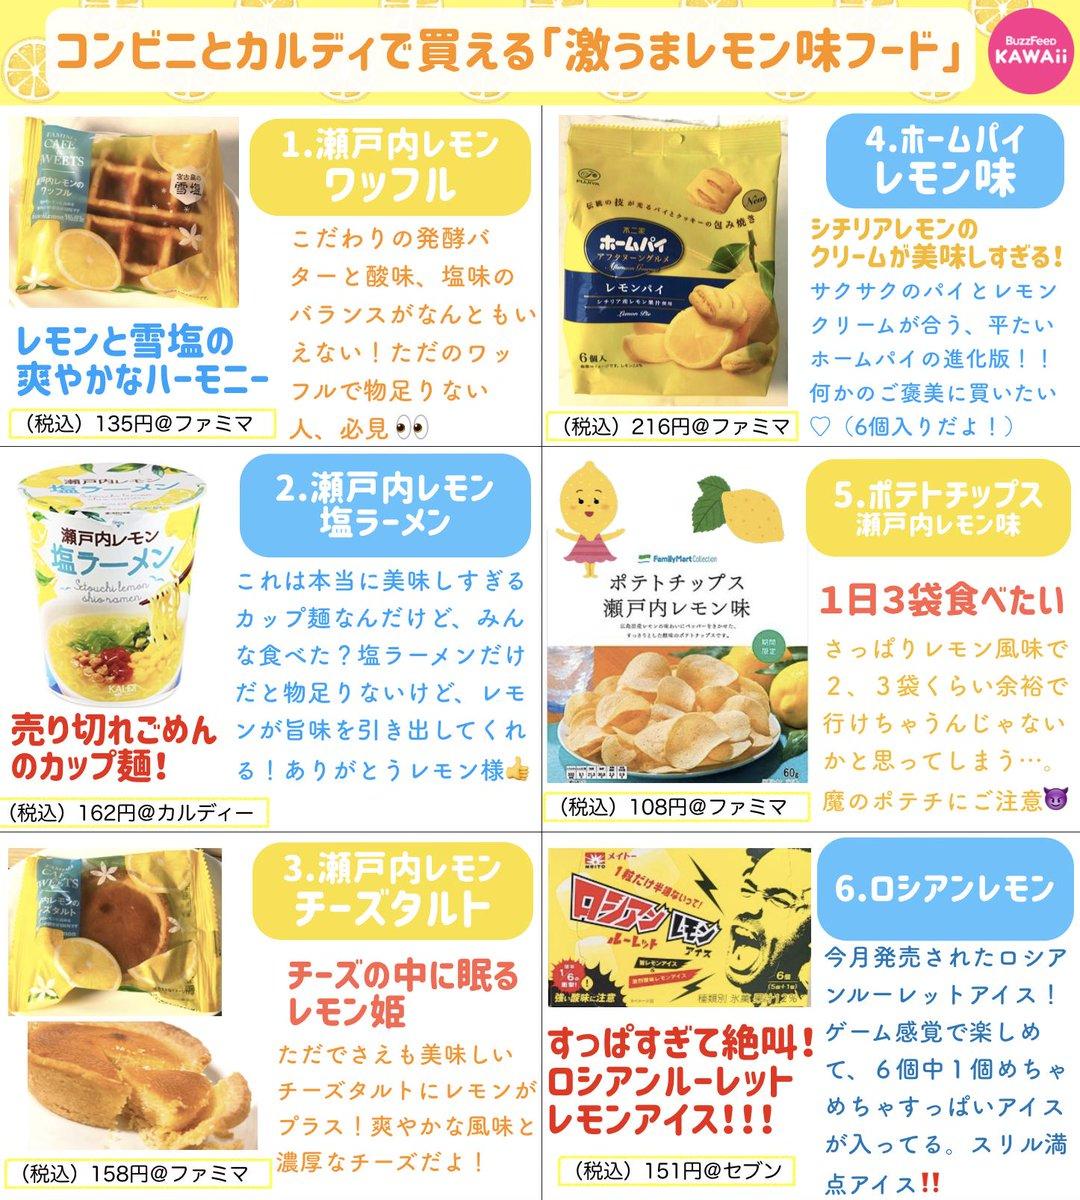 test ツイッターメディア - コンビニとカルディで買える「激うまレモン味フード&ドリンク」をまとめました! https://t.co/Jb6ILycDZA